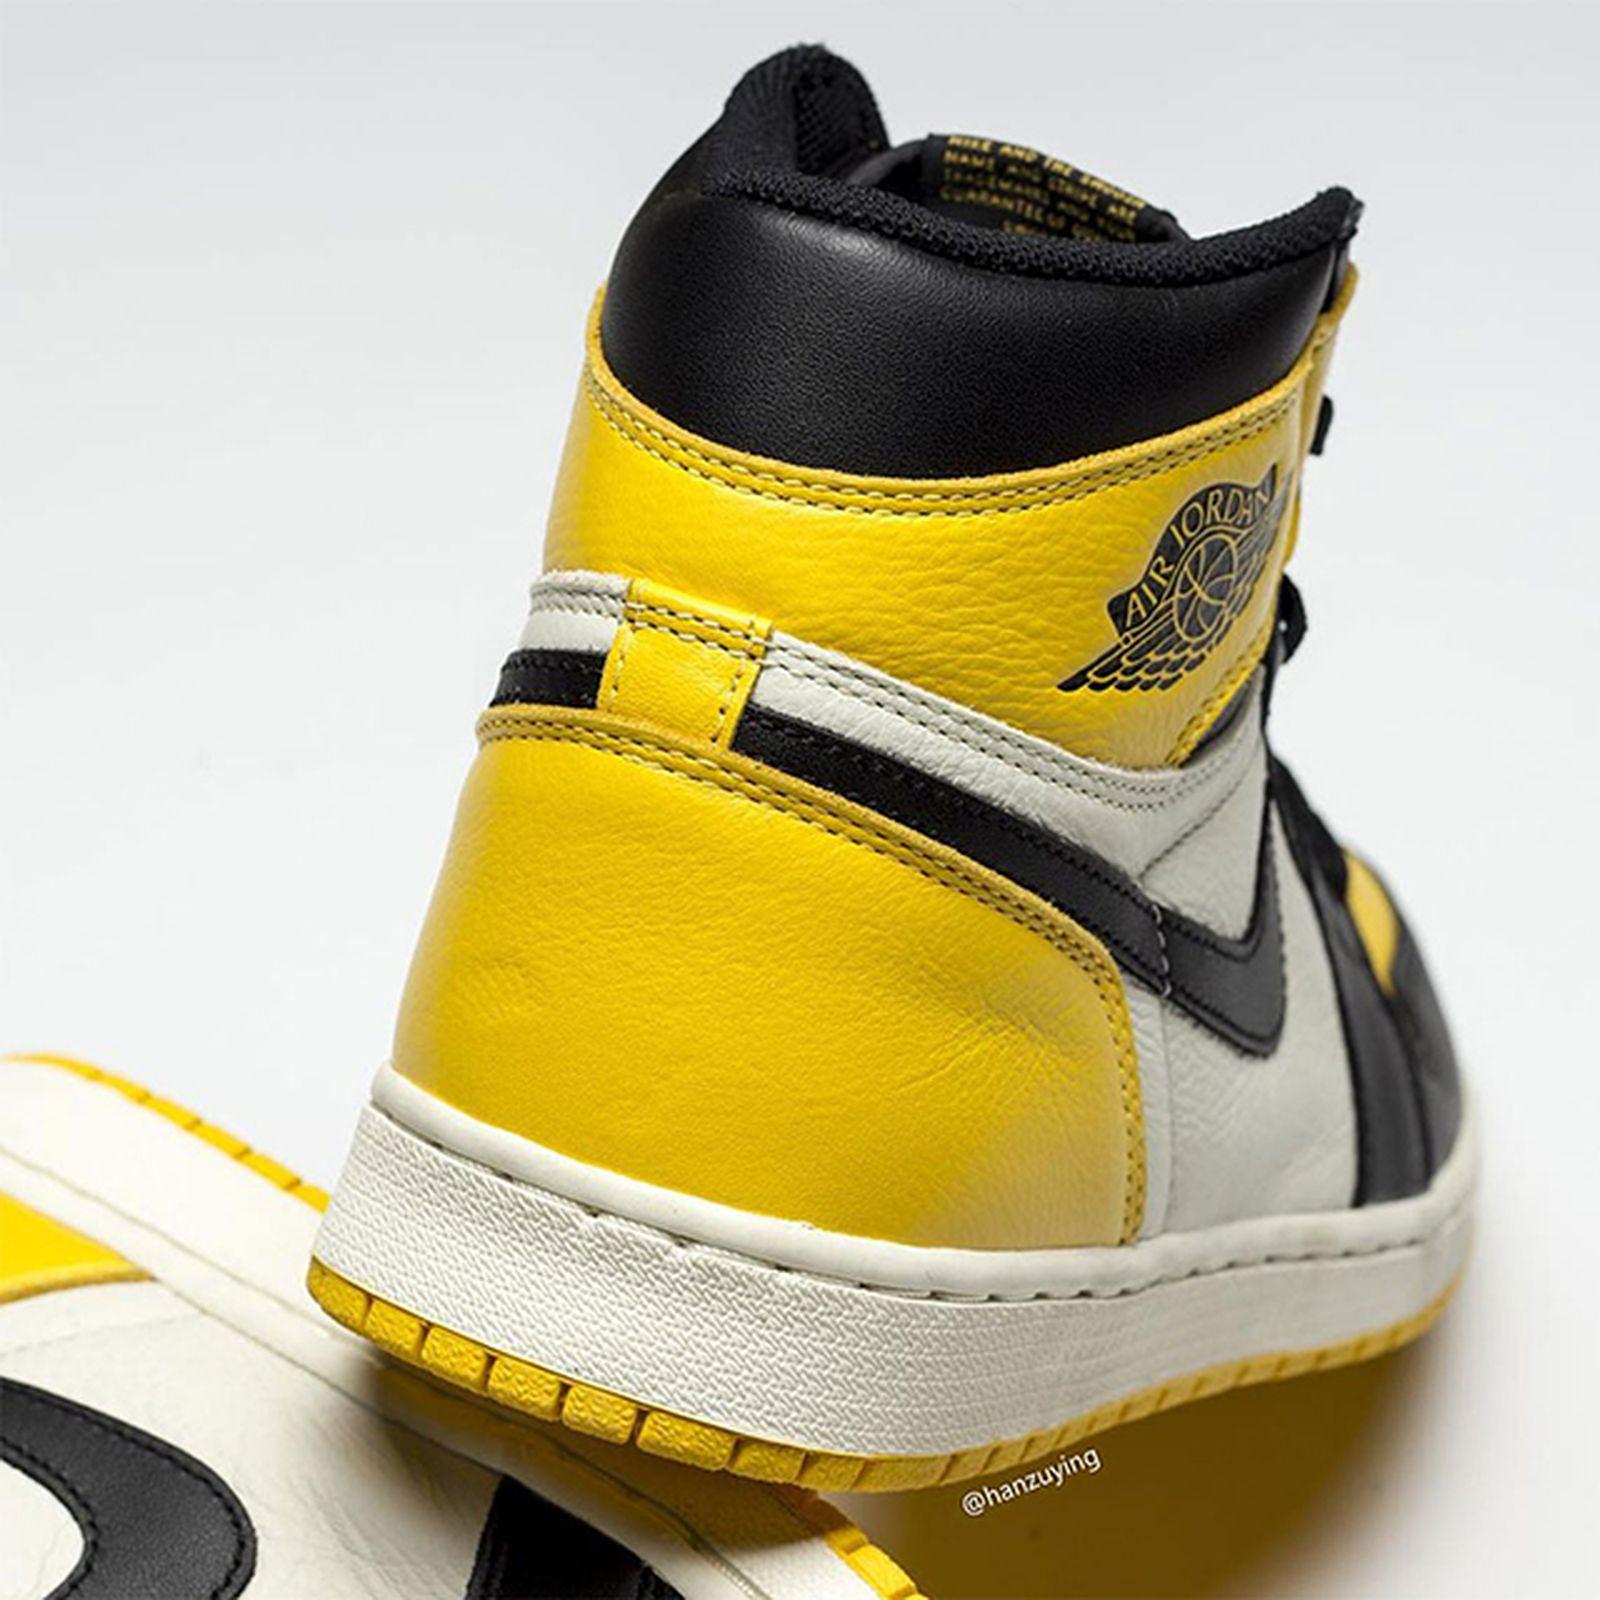 air jordan 1 yellow toe release date price jordan brand